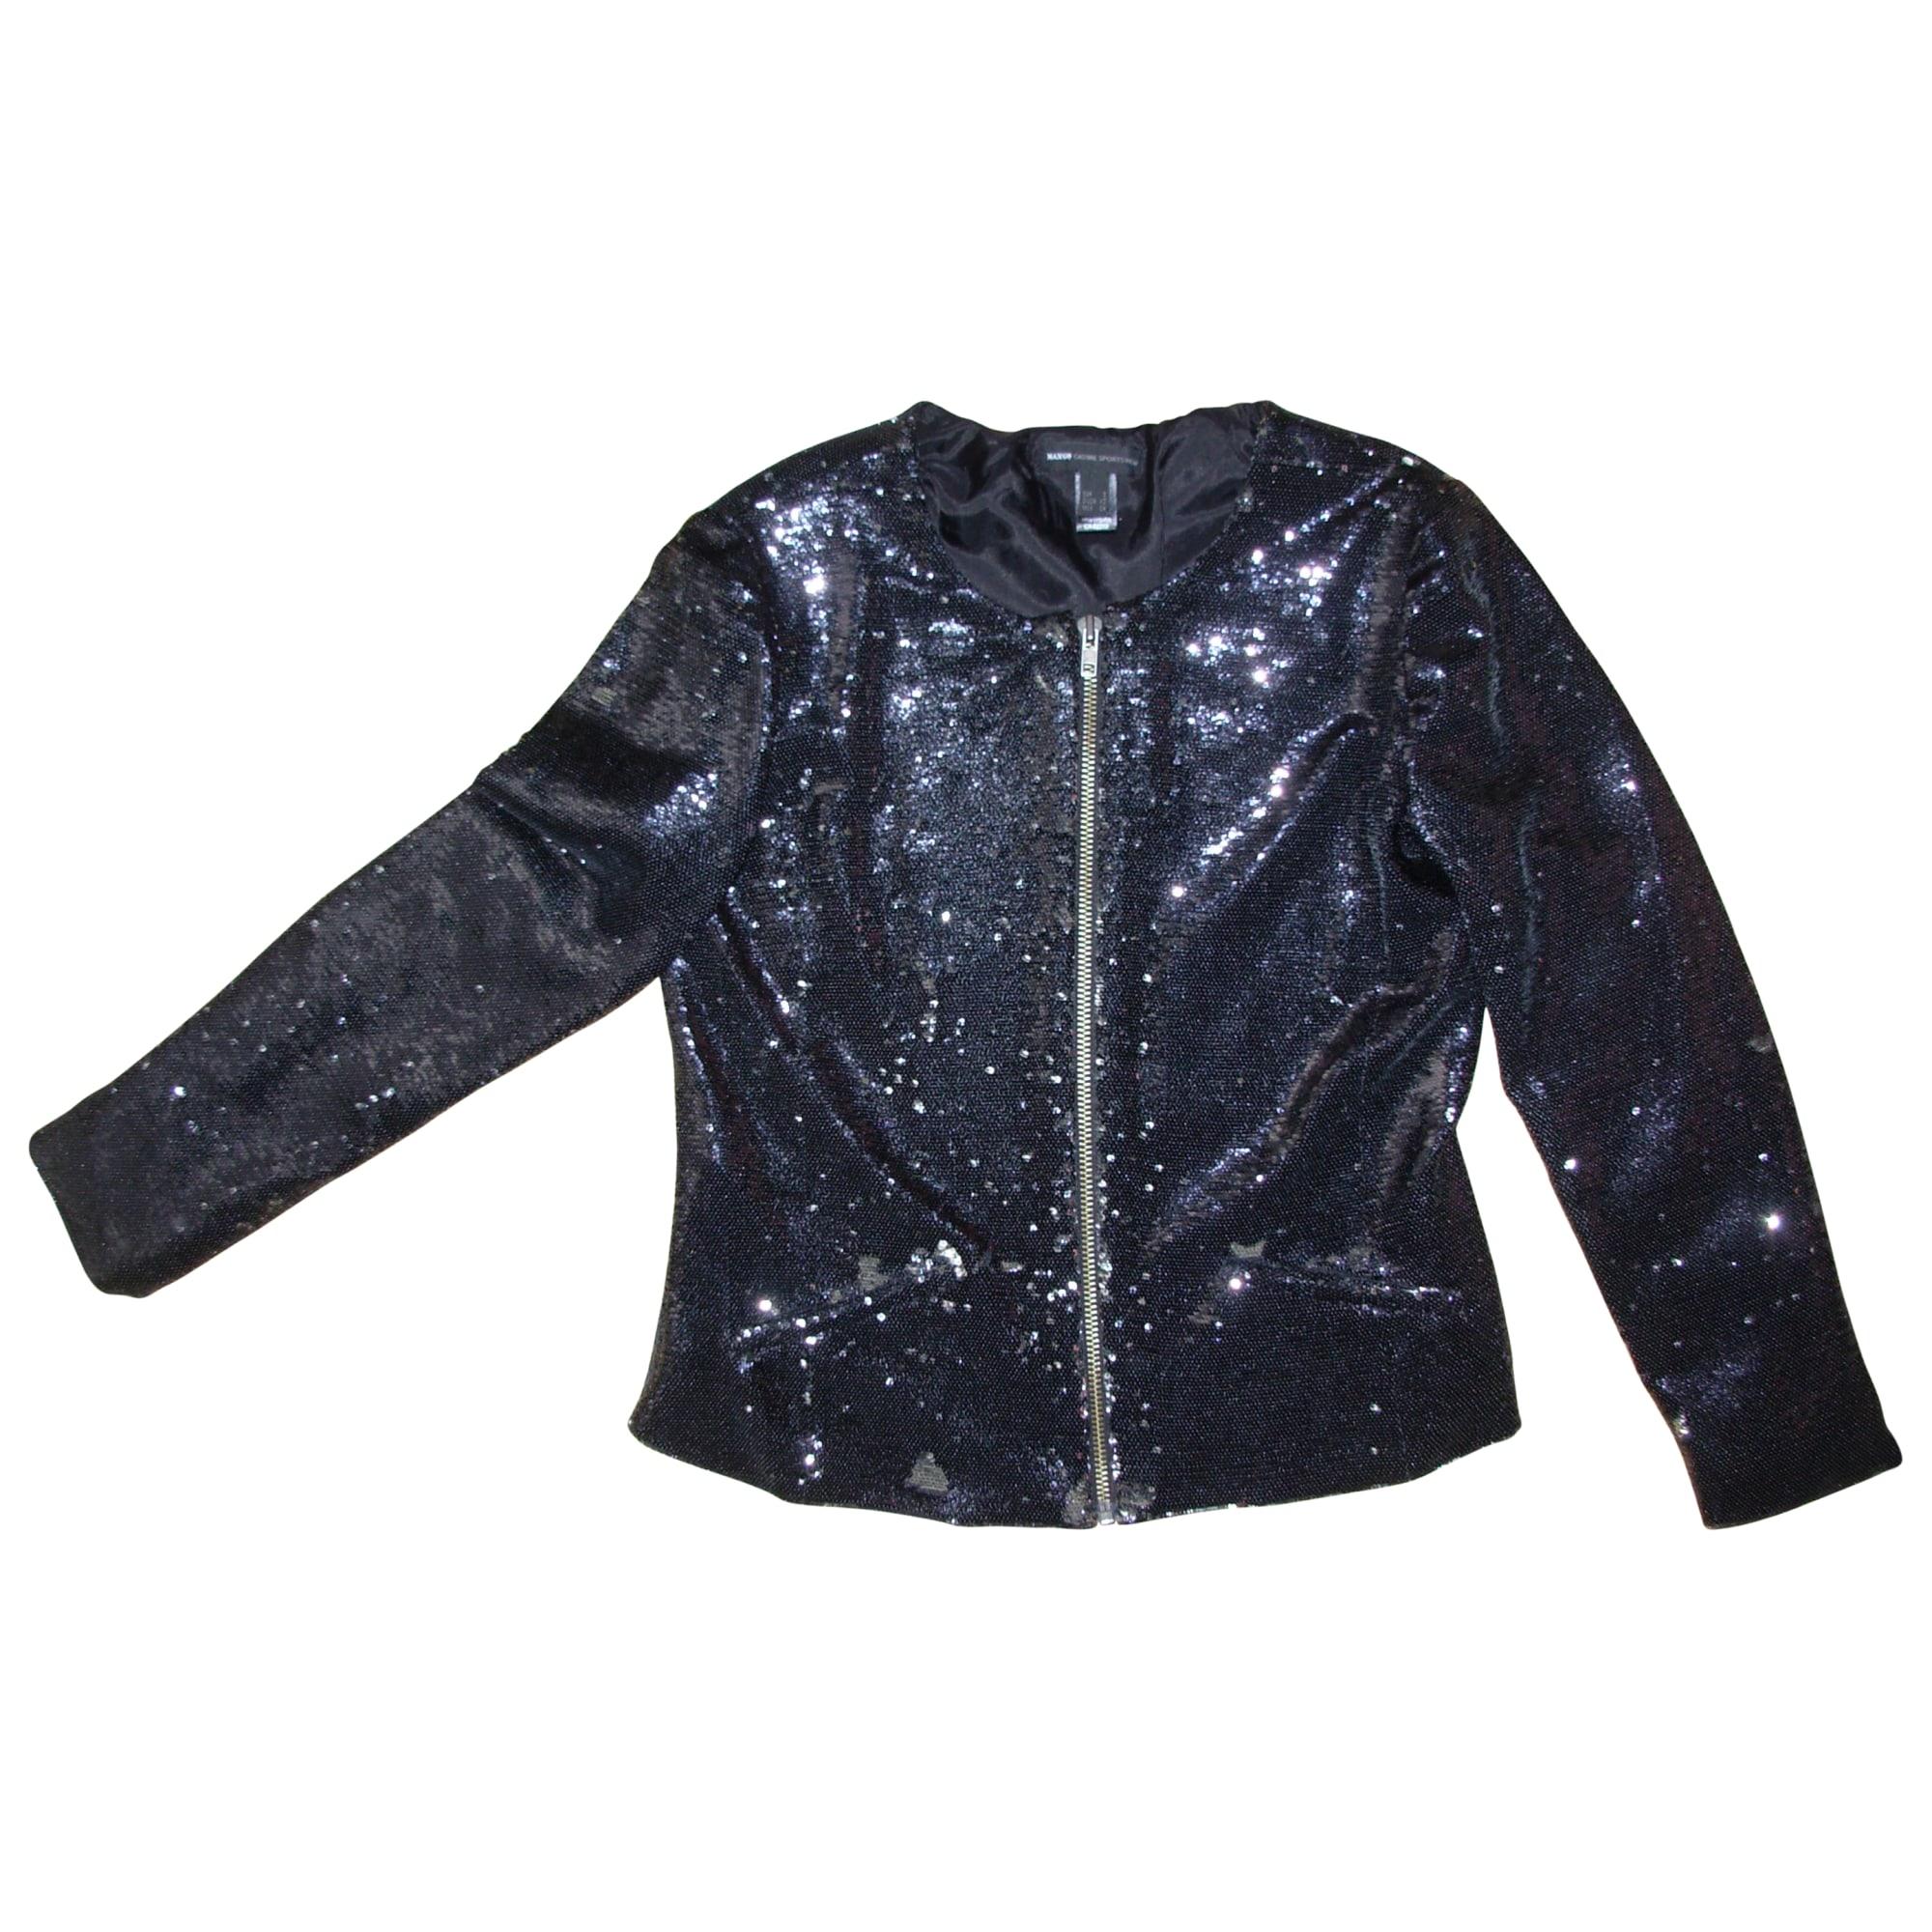 5d736cec4bf29 Veste MANGO 36 (S, T1) noir - 3503446